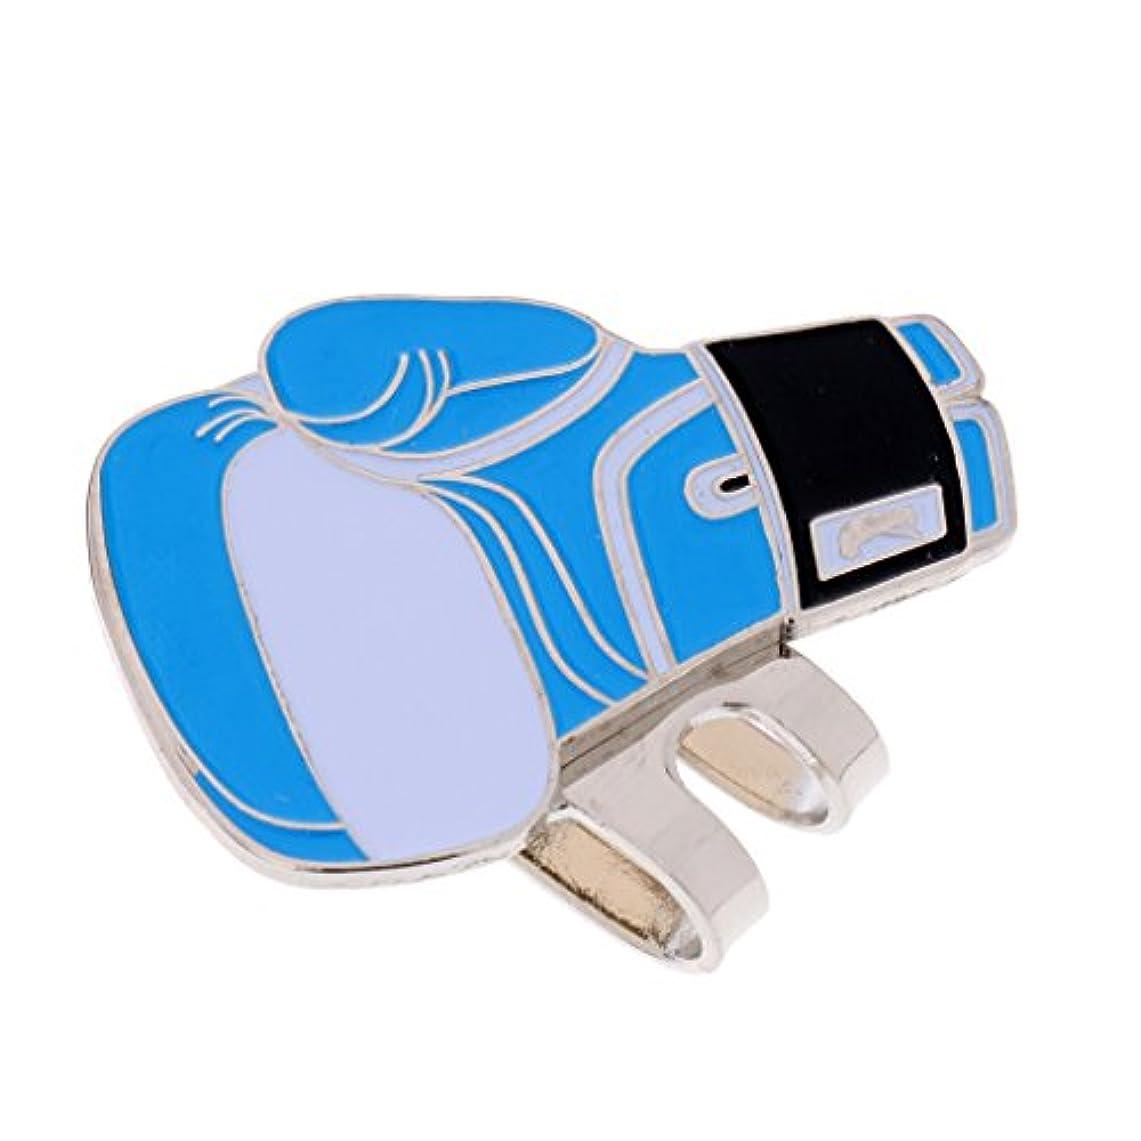 蜜樫の木民間T TOOYFUL 磁気帽子クリップゴルフボール マーカー 丈夫な ボクシンググローブ 帽子 バイザー用